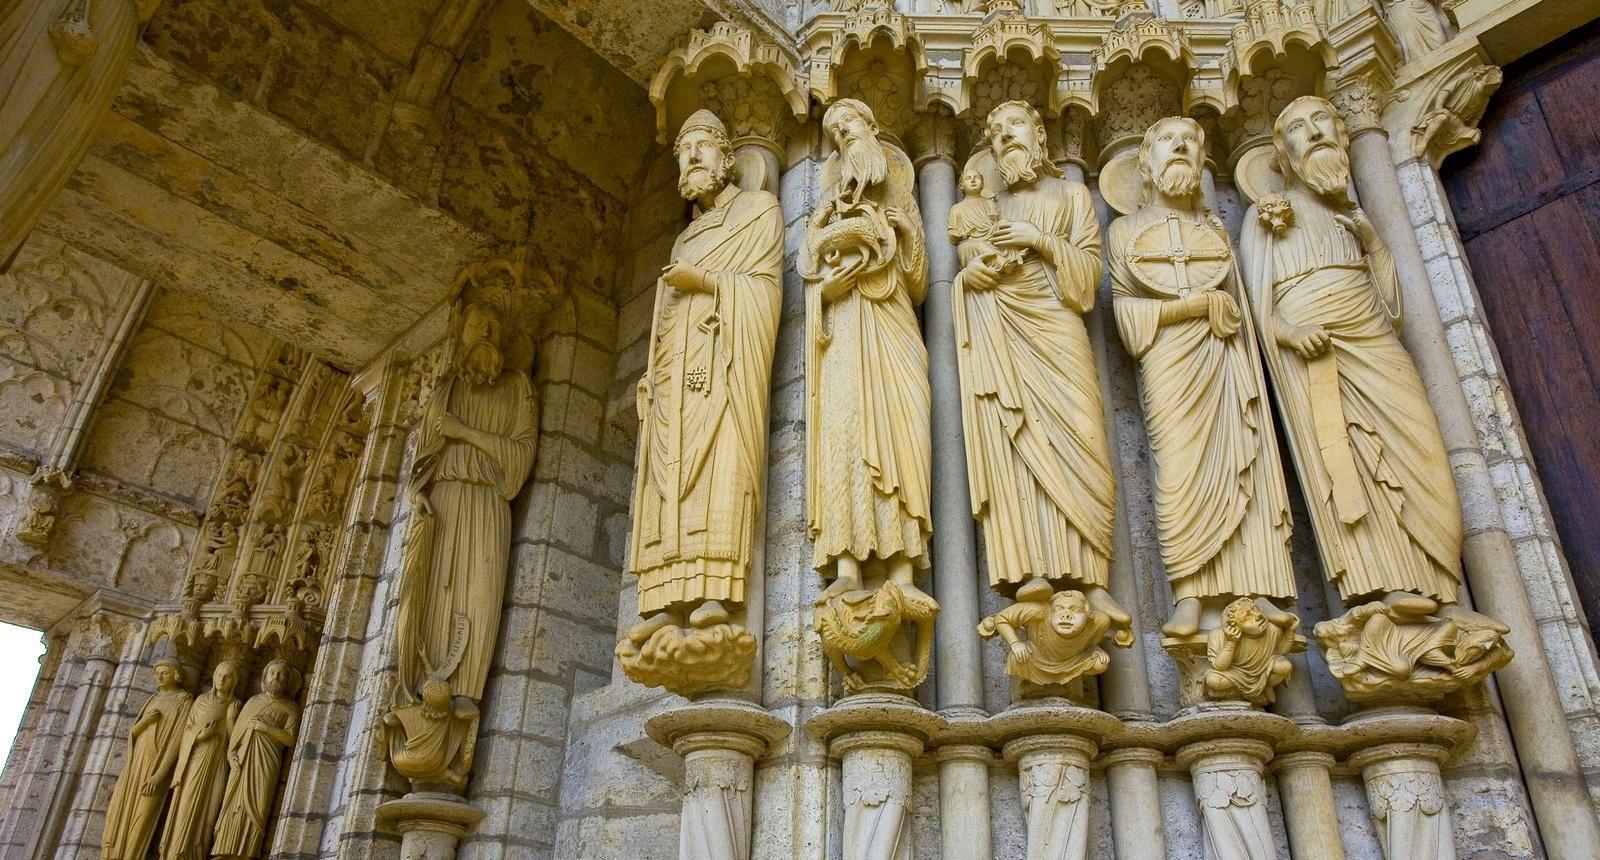 Cathédrale de Chartres (Beauce, Région Centre)